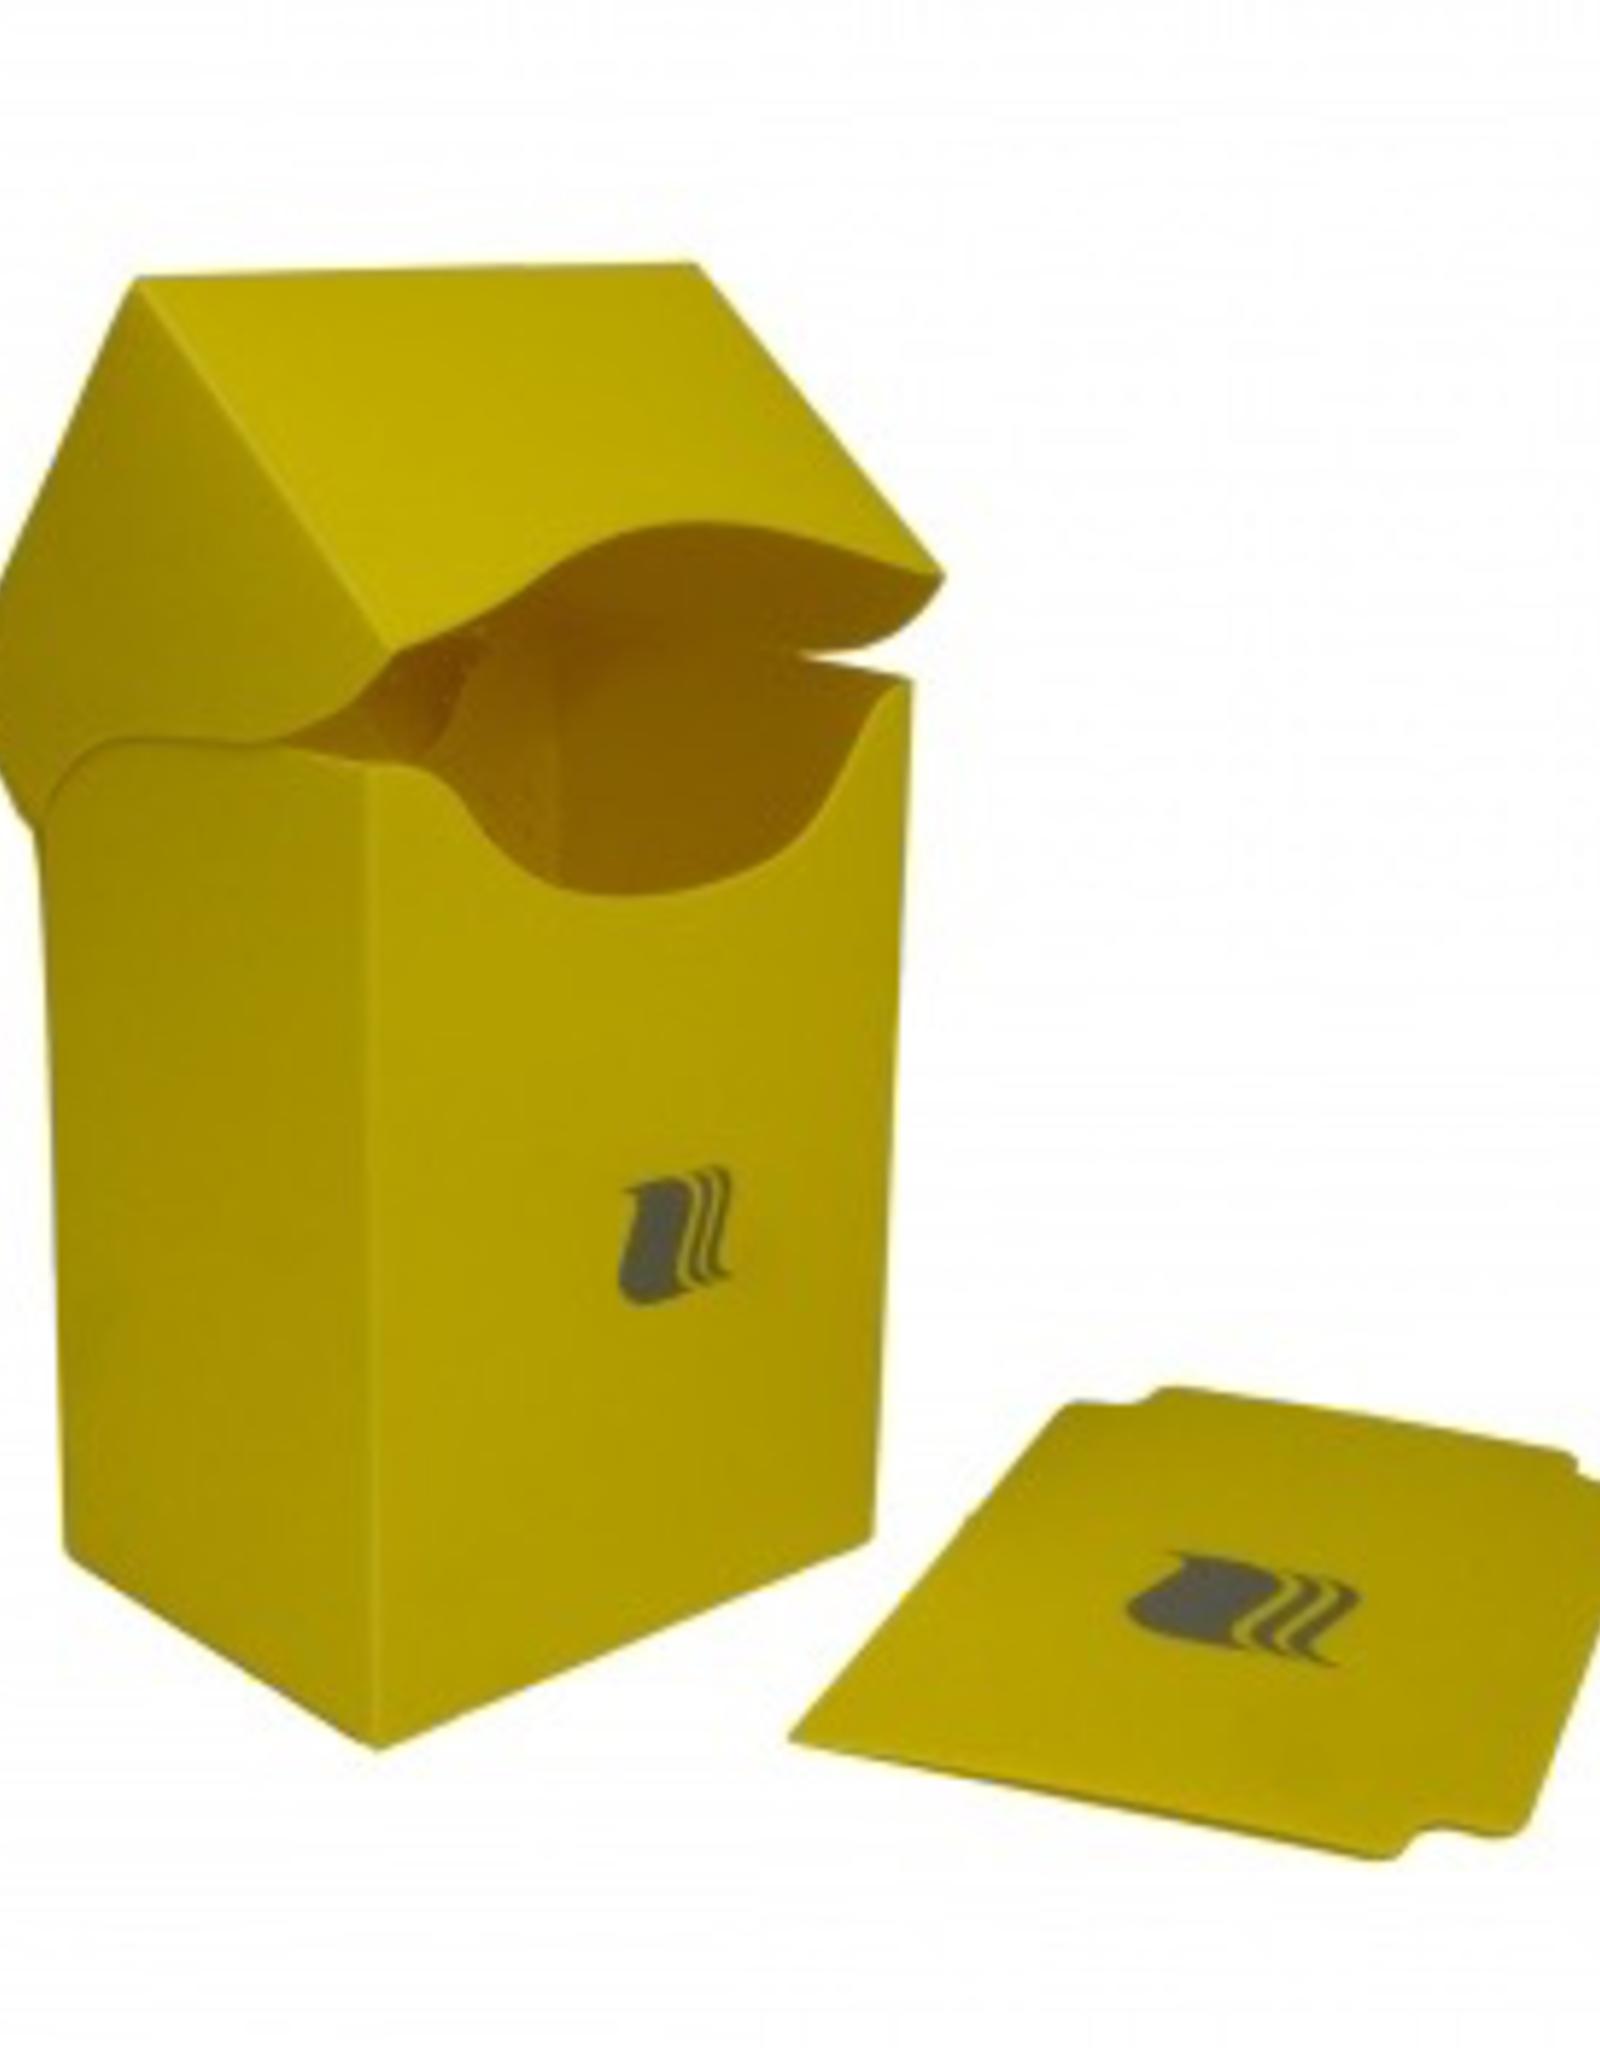 BF - Zubehör Blackfire Deck Holder Vertical - for 80+ Cards - Yellow